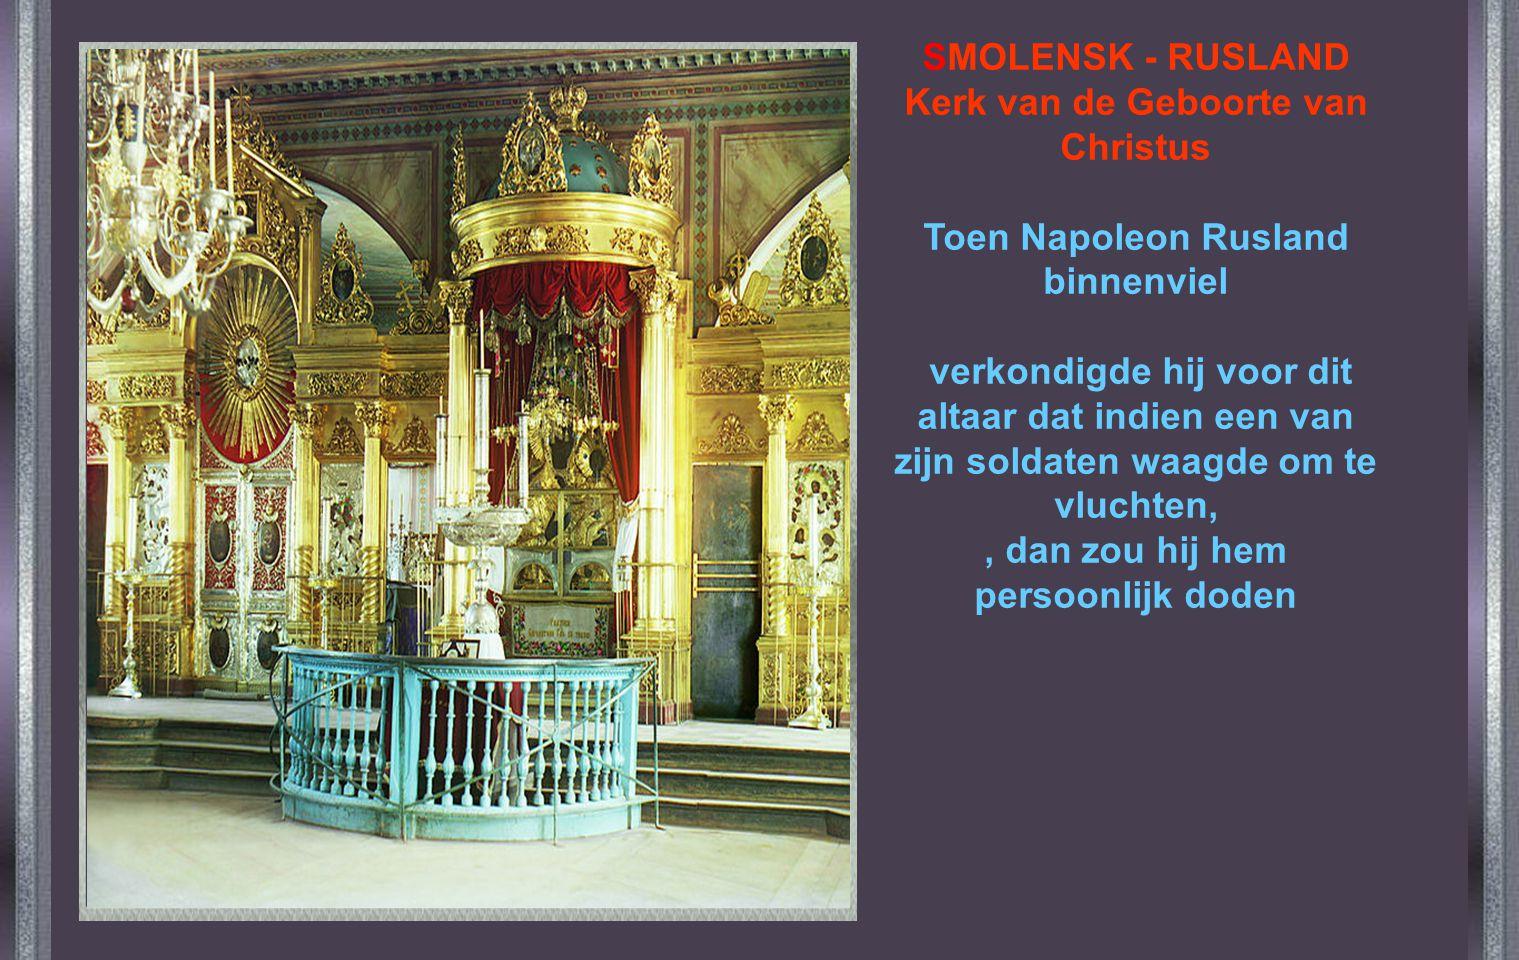 SMOLENSK - RUSLAND Kerk van de Geboorte van Christus Toen Napoleon Rusland binnenviel verkondigde hij voor dit altaar dat indien een van zijn soldaten waagde om te vluchten, , dan zou hij hem persoonlijk doden